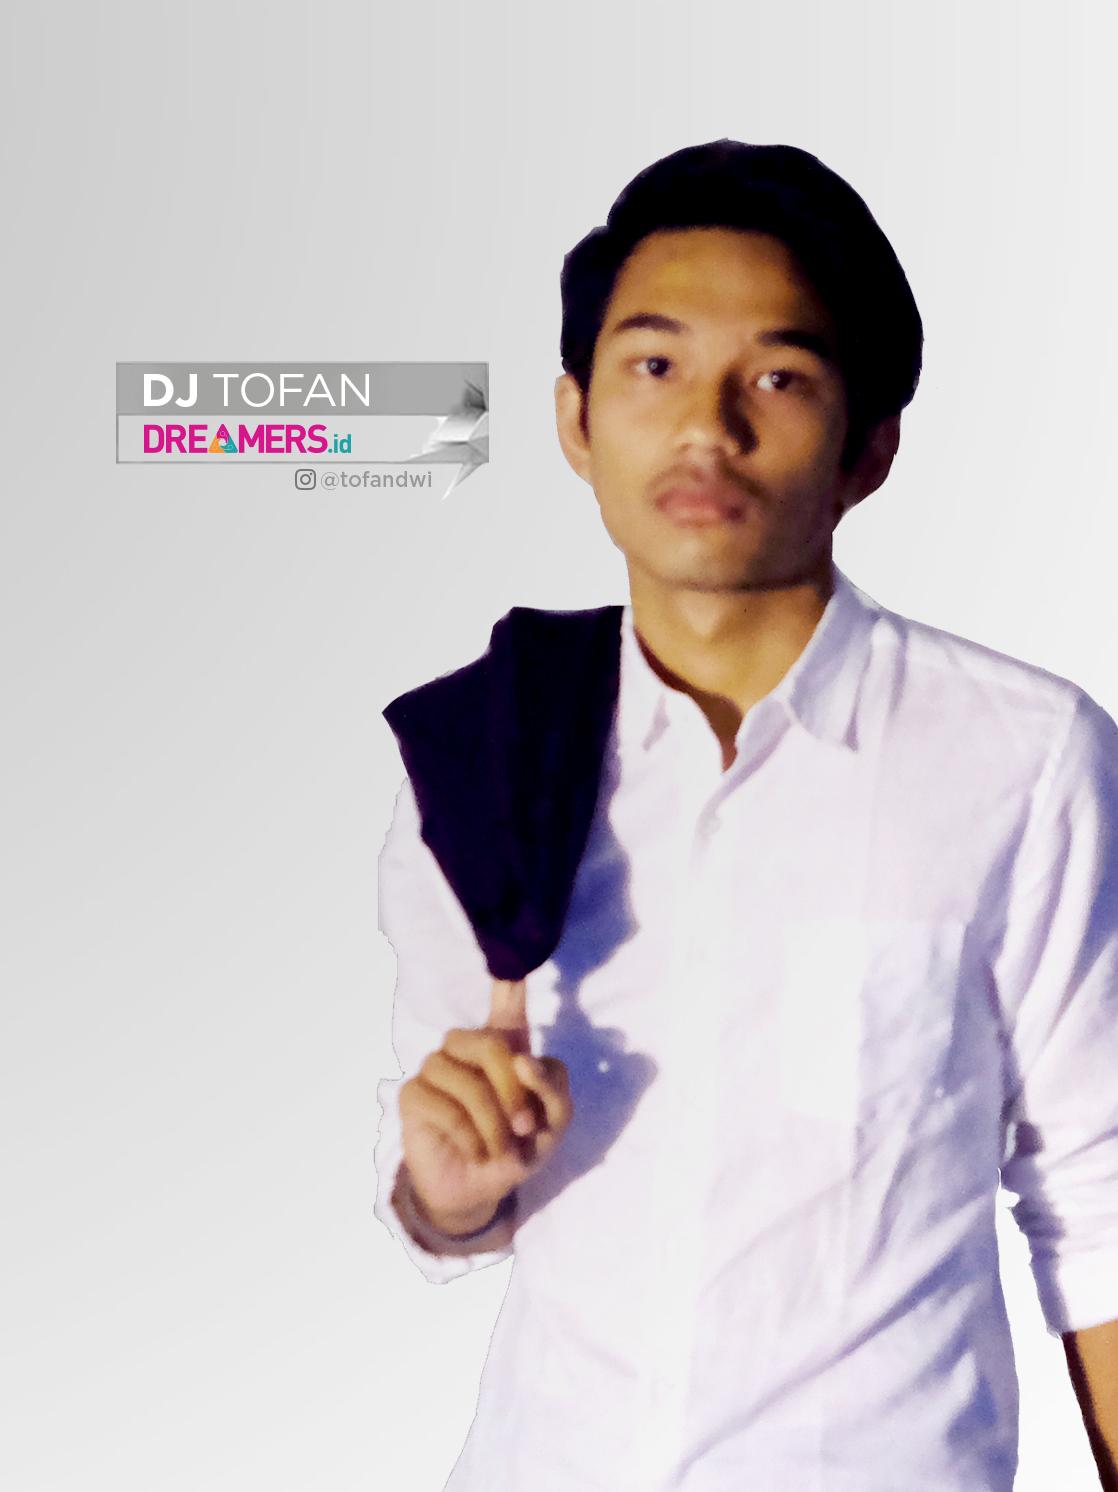 DJ Tofan